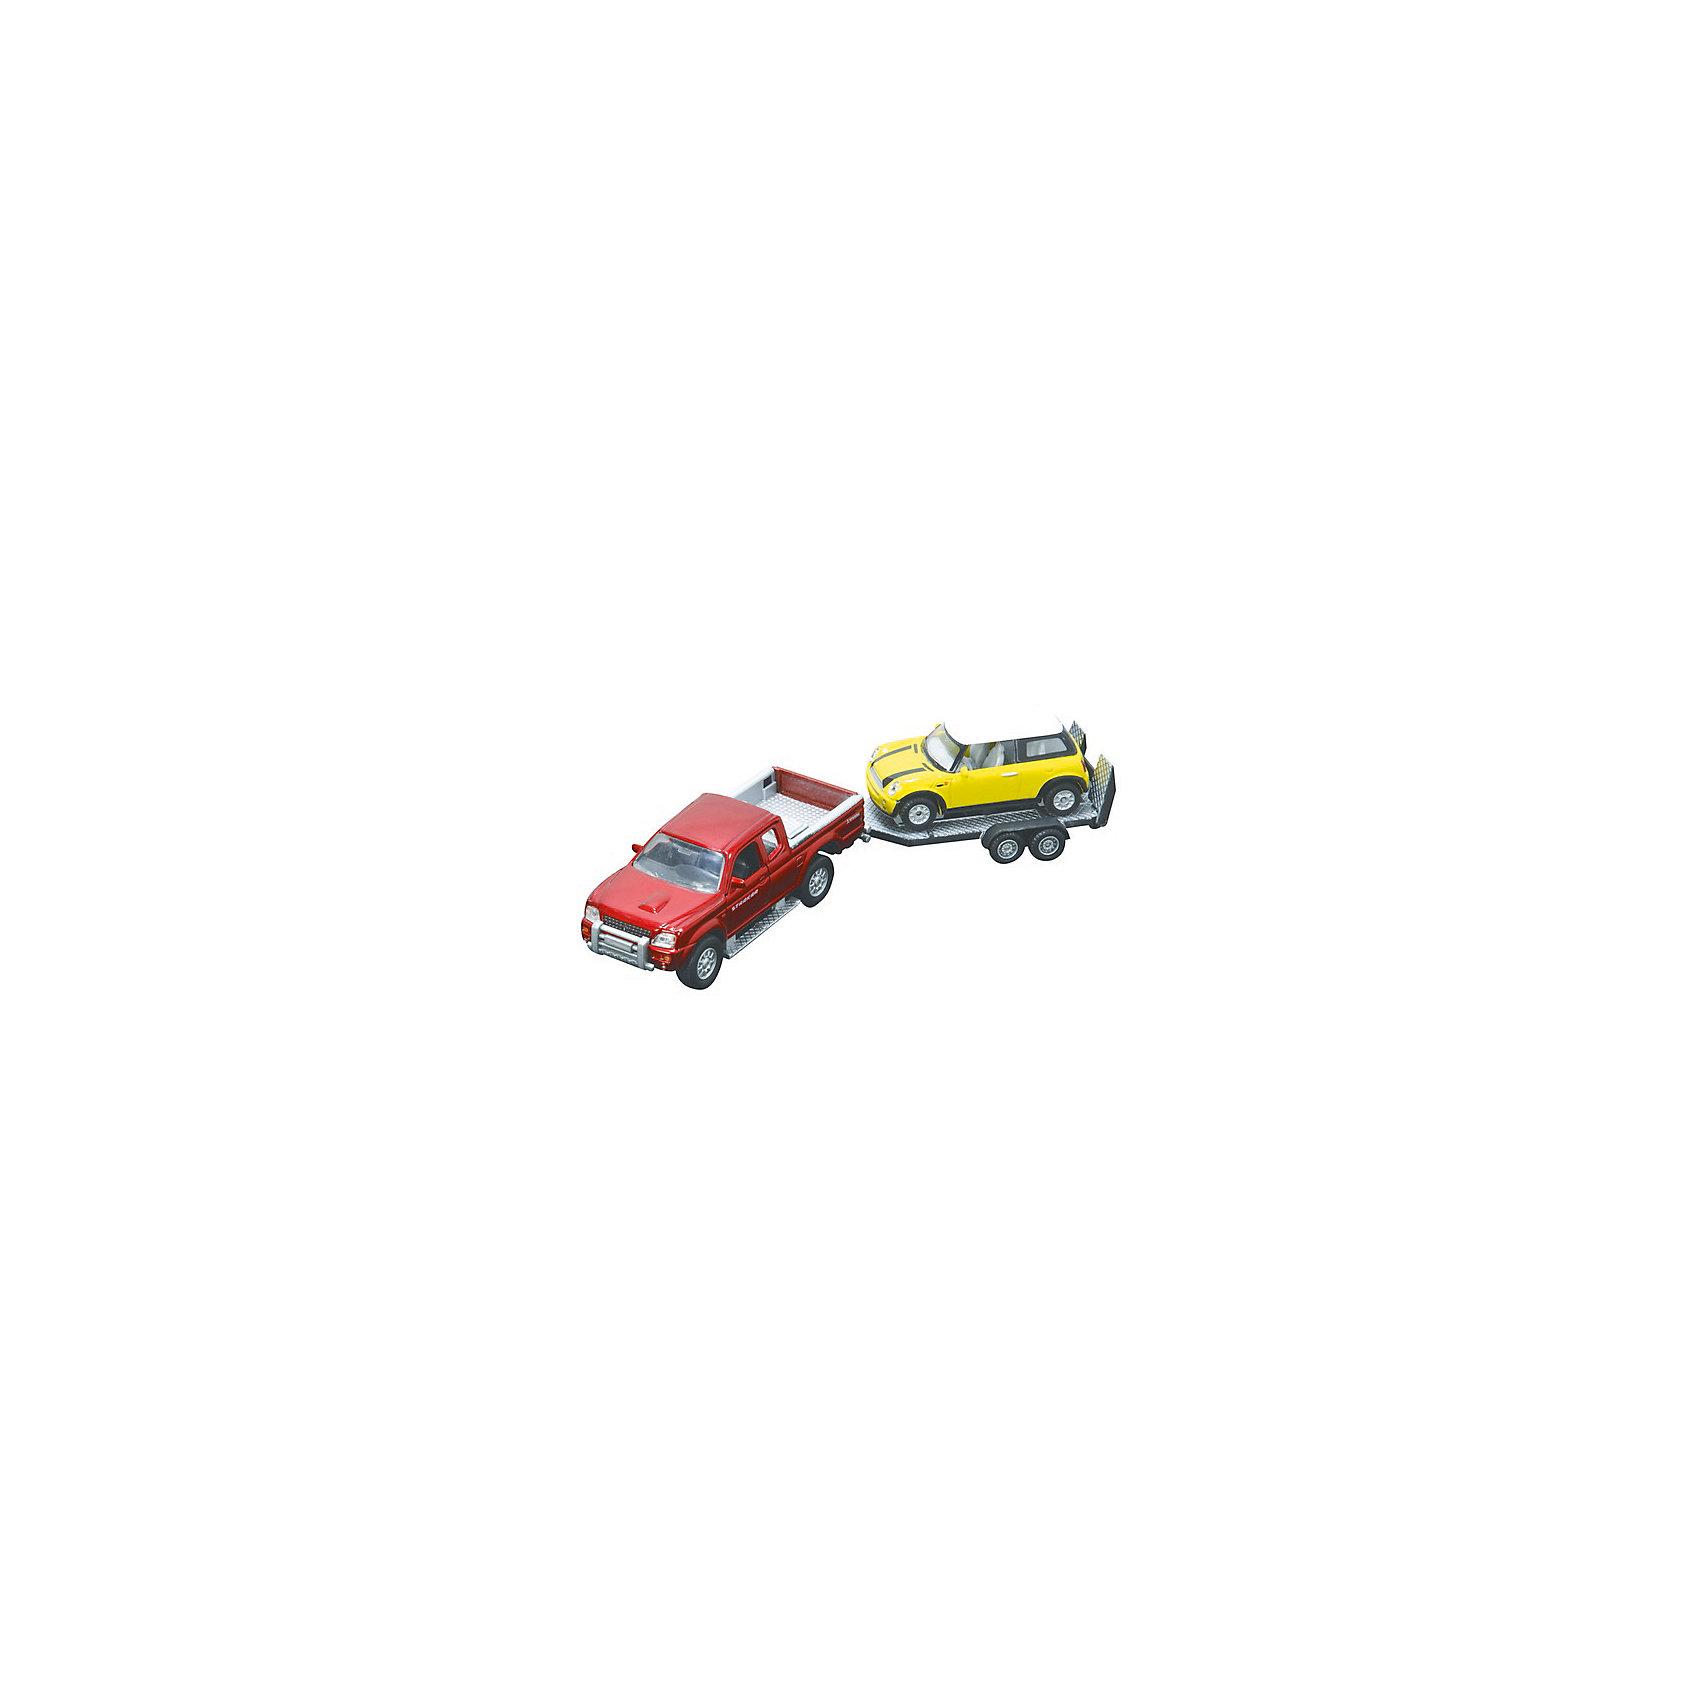 HTI Машинки с прицепом, HTl Grоuр машинки globo набор автопоезд с прицепом и животным